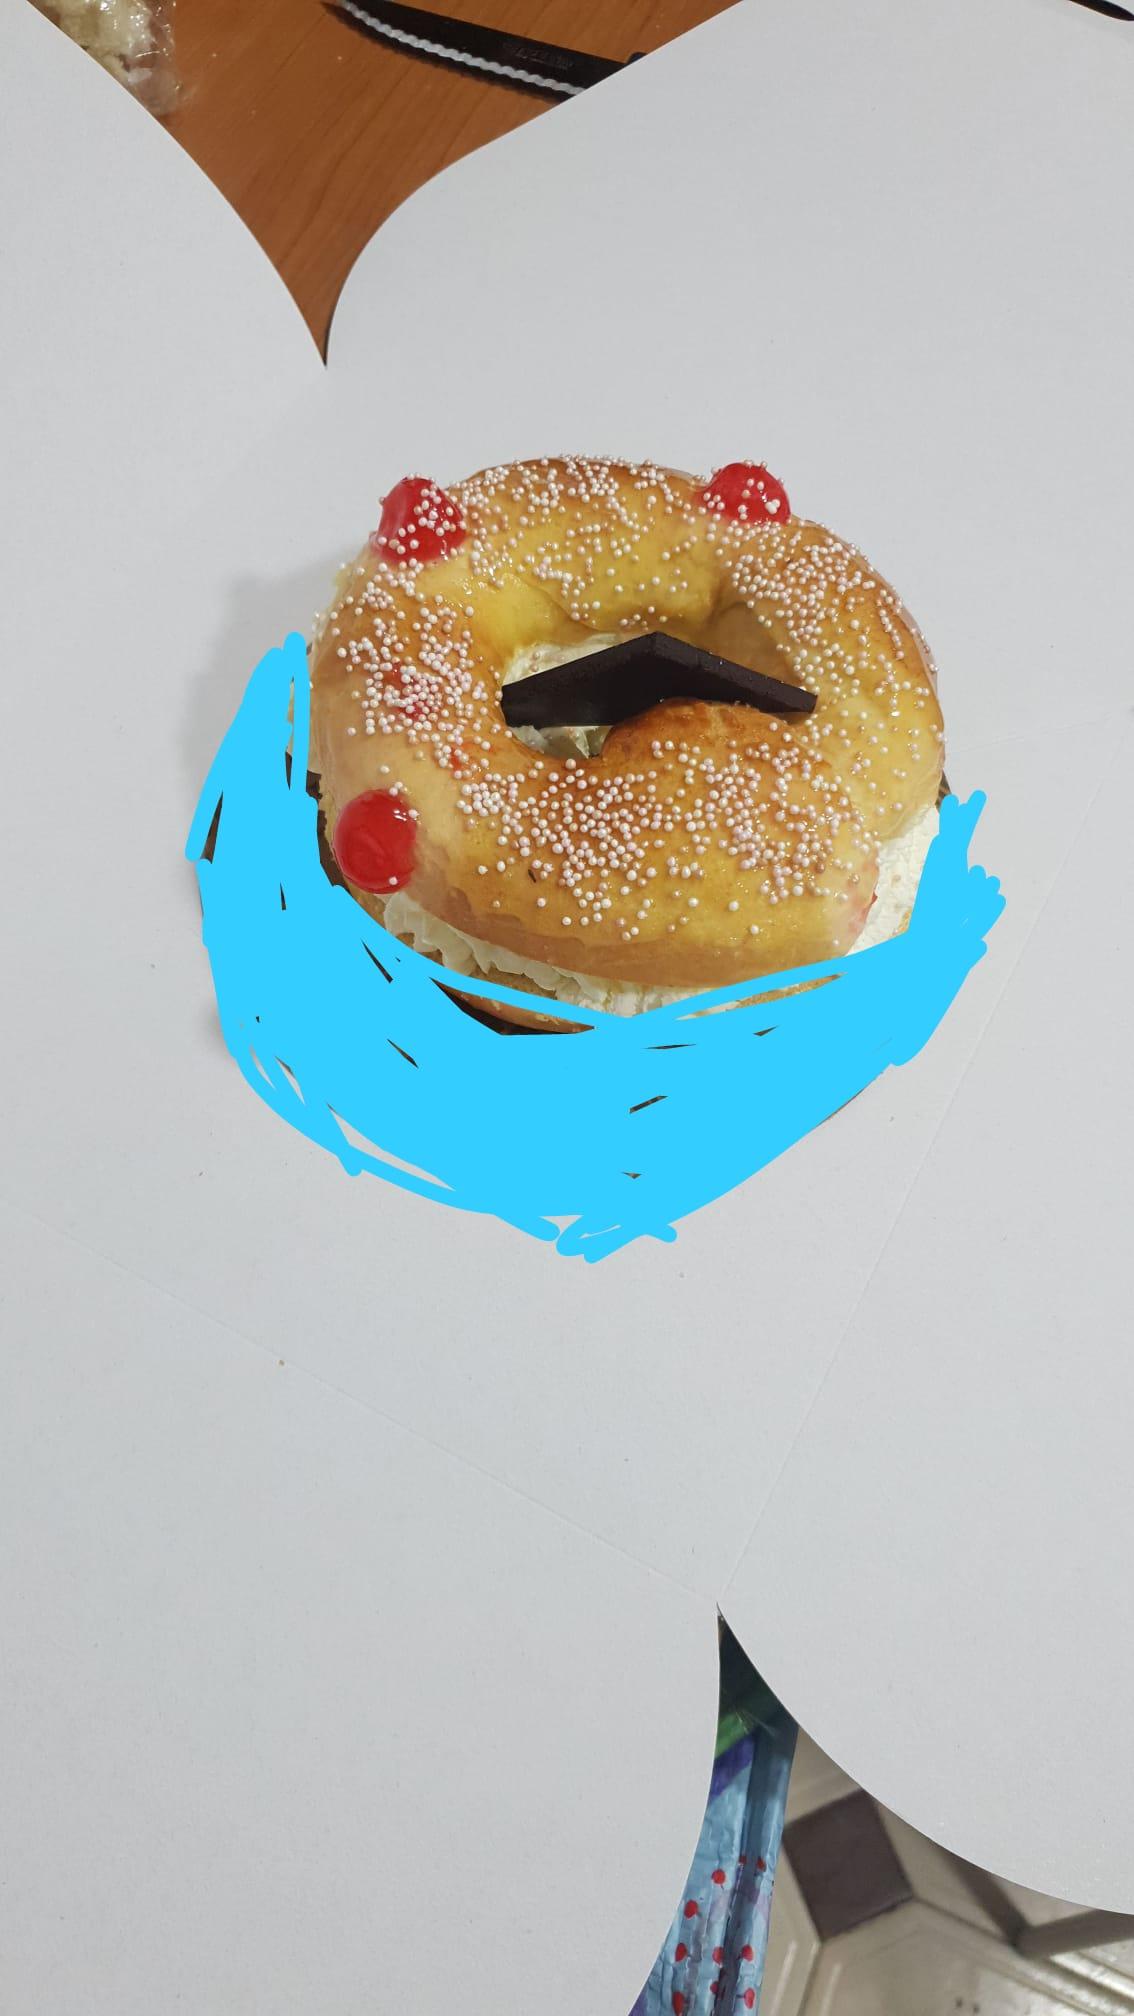 mini roscon con onza de chocolate y perlitas decorativas